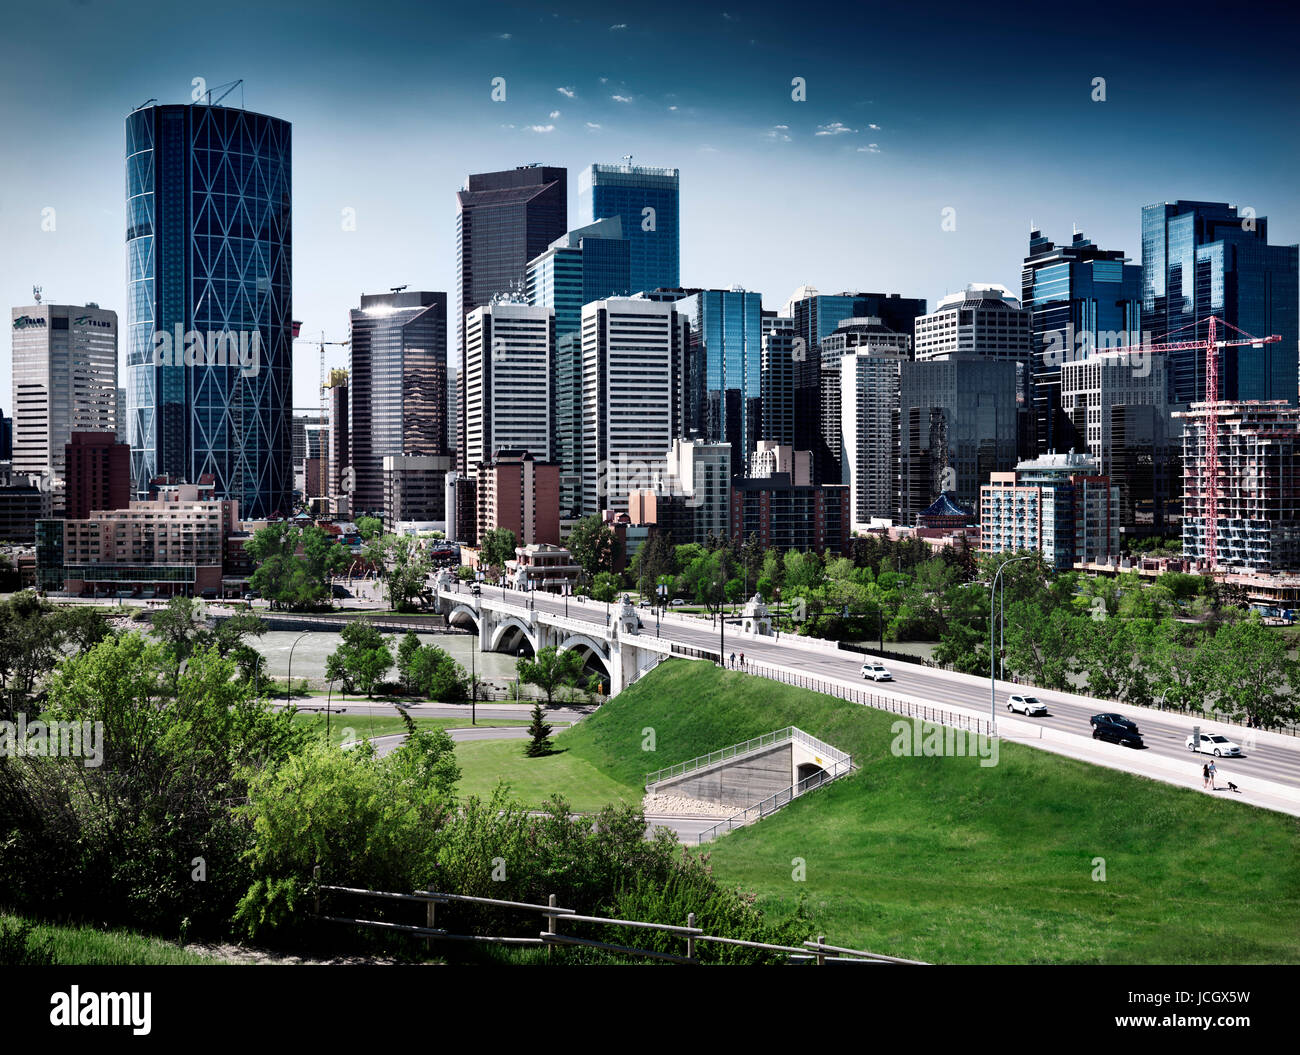 La città di Calgary downtown splendido skyline con Centre Street ponte sopra il fiume Bow scenario artistico Immagini Stock